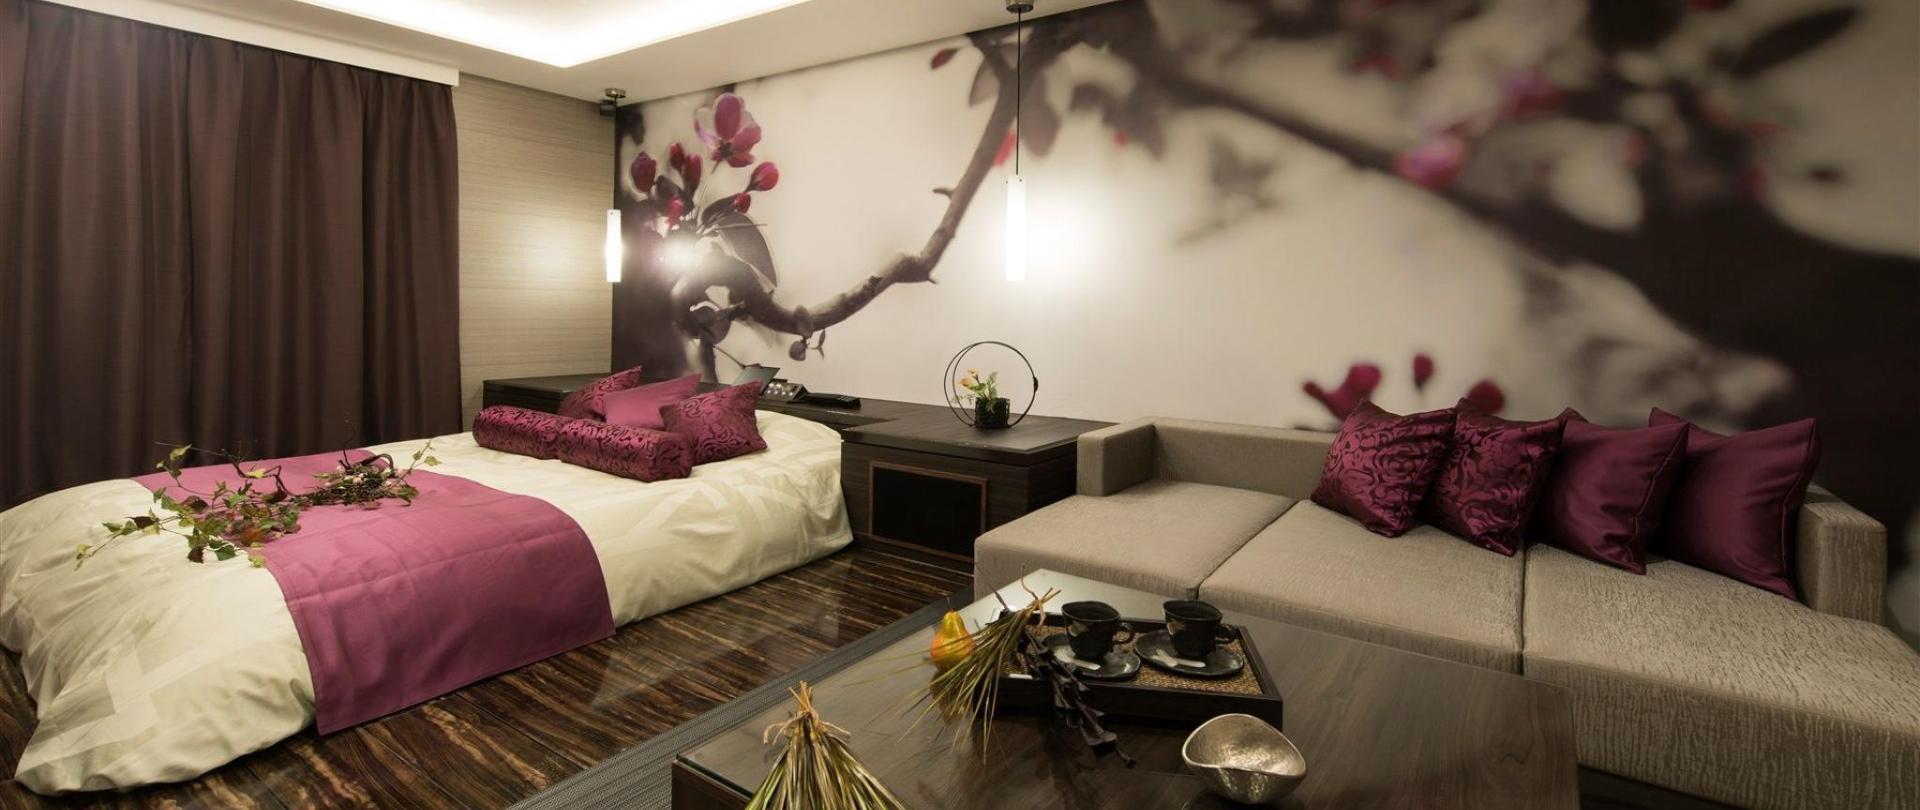 禅宗酒店(仅限成人)